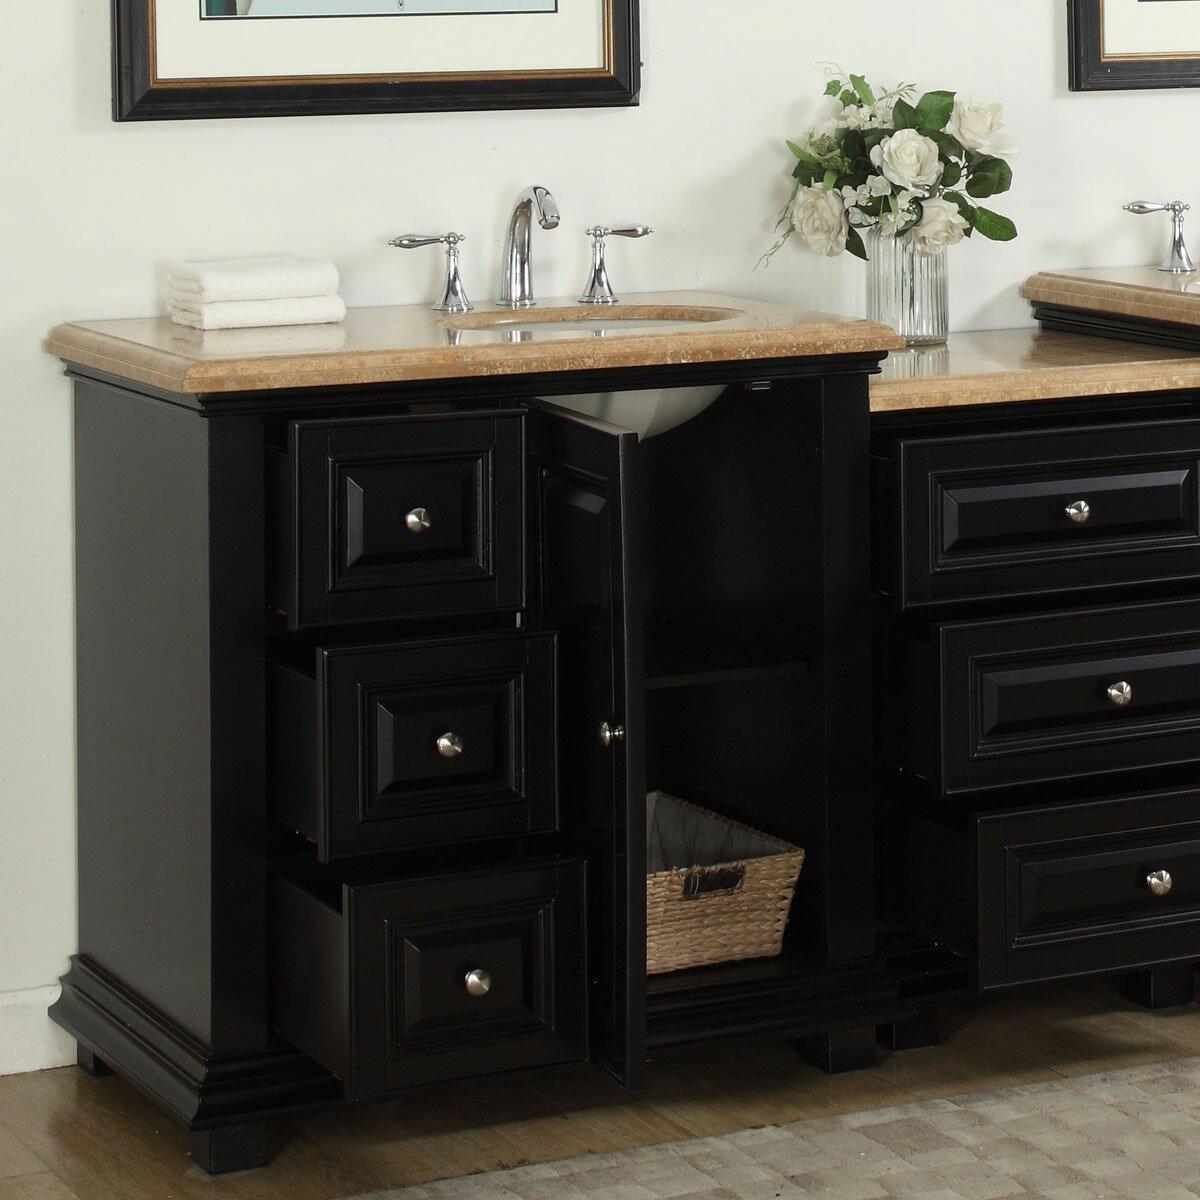 silkroad exclusive 56 quot single bathroom modular vanity set